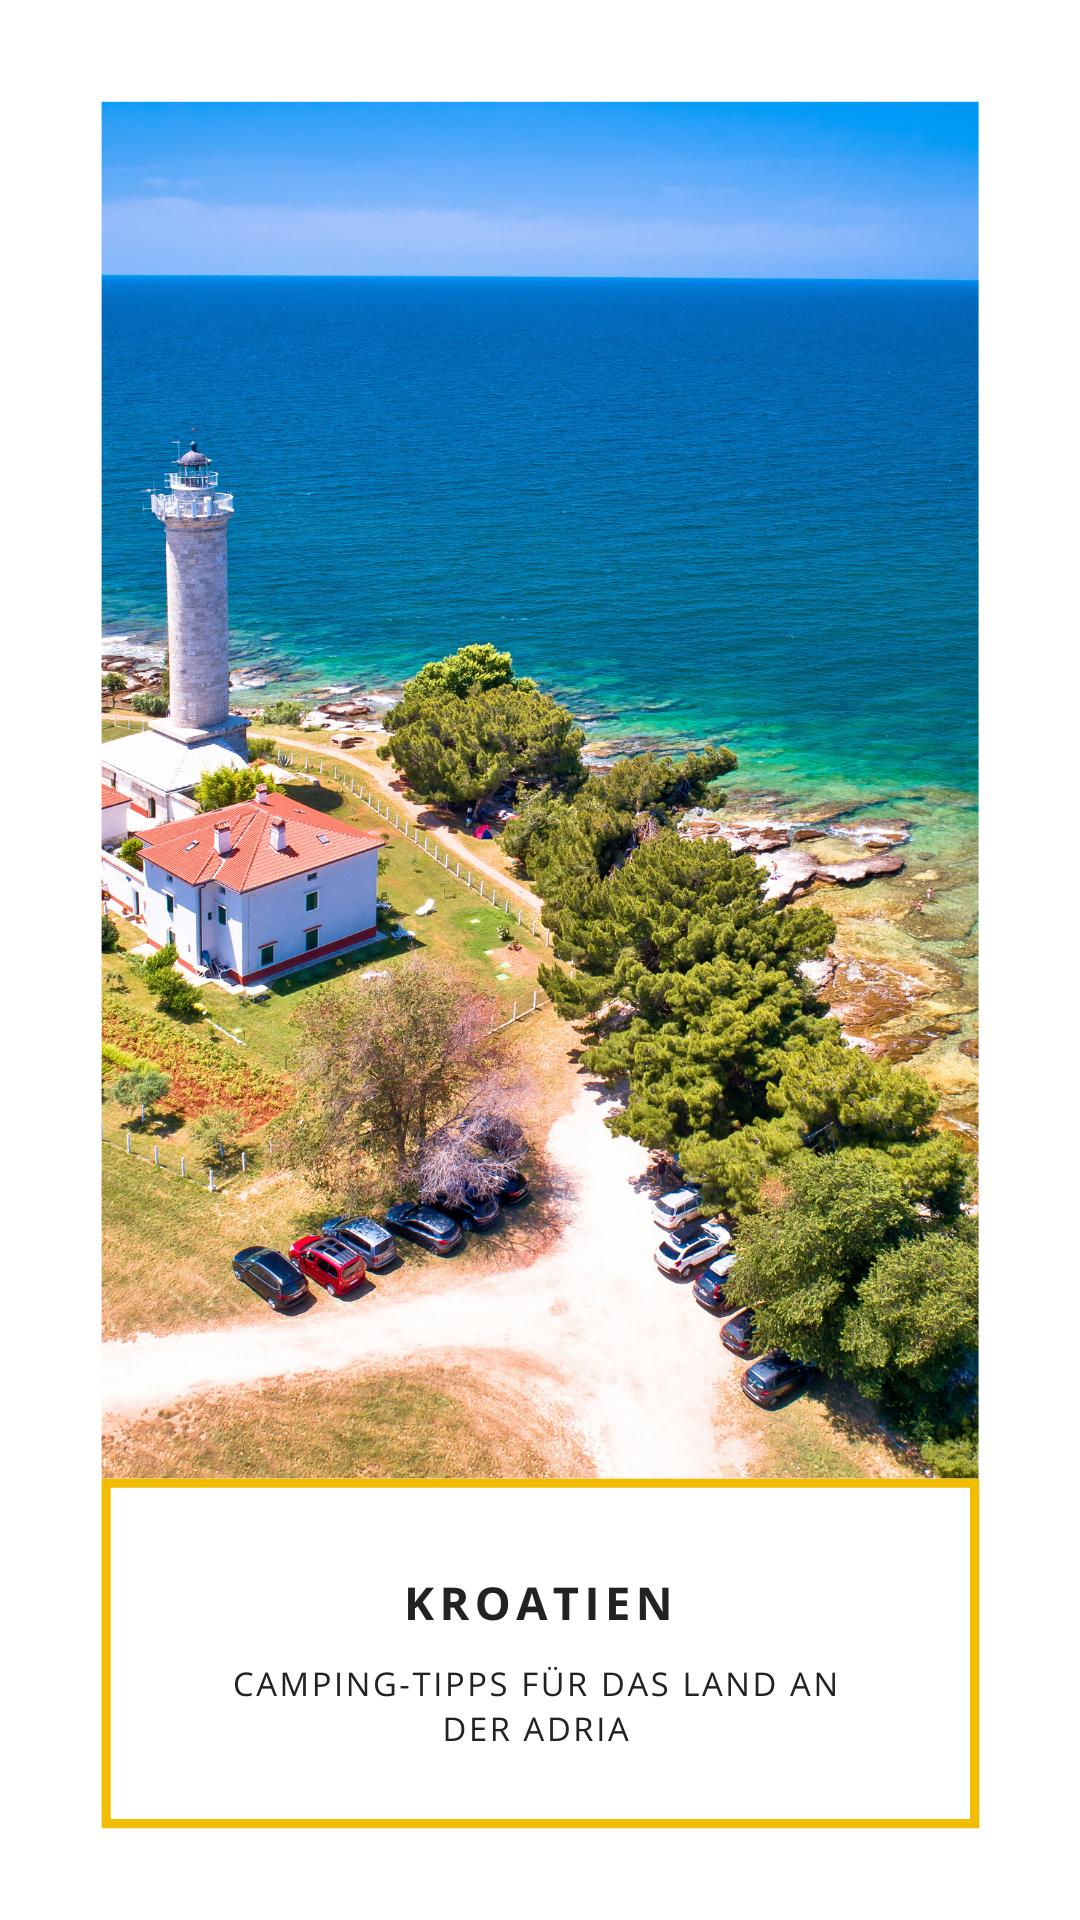 Kroatien: Tipps für euren Camping-Urlaub an der Adria in 10